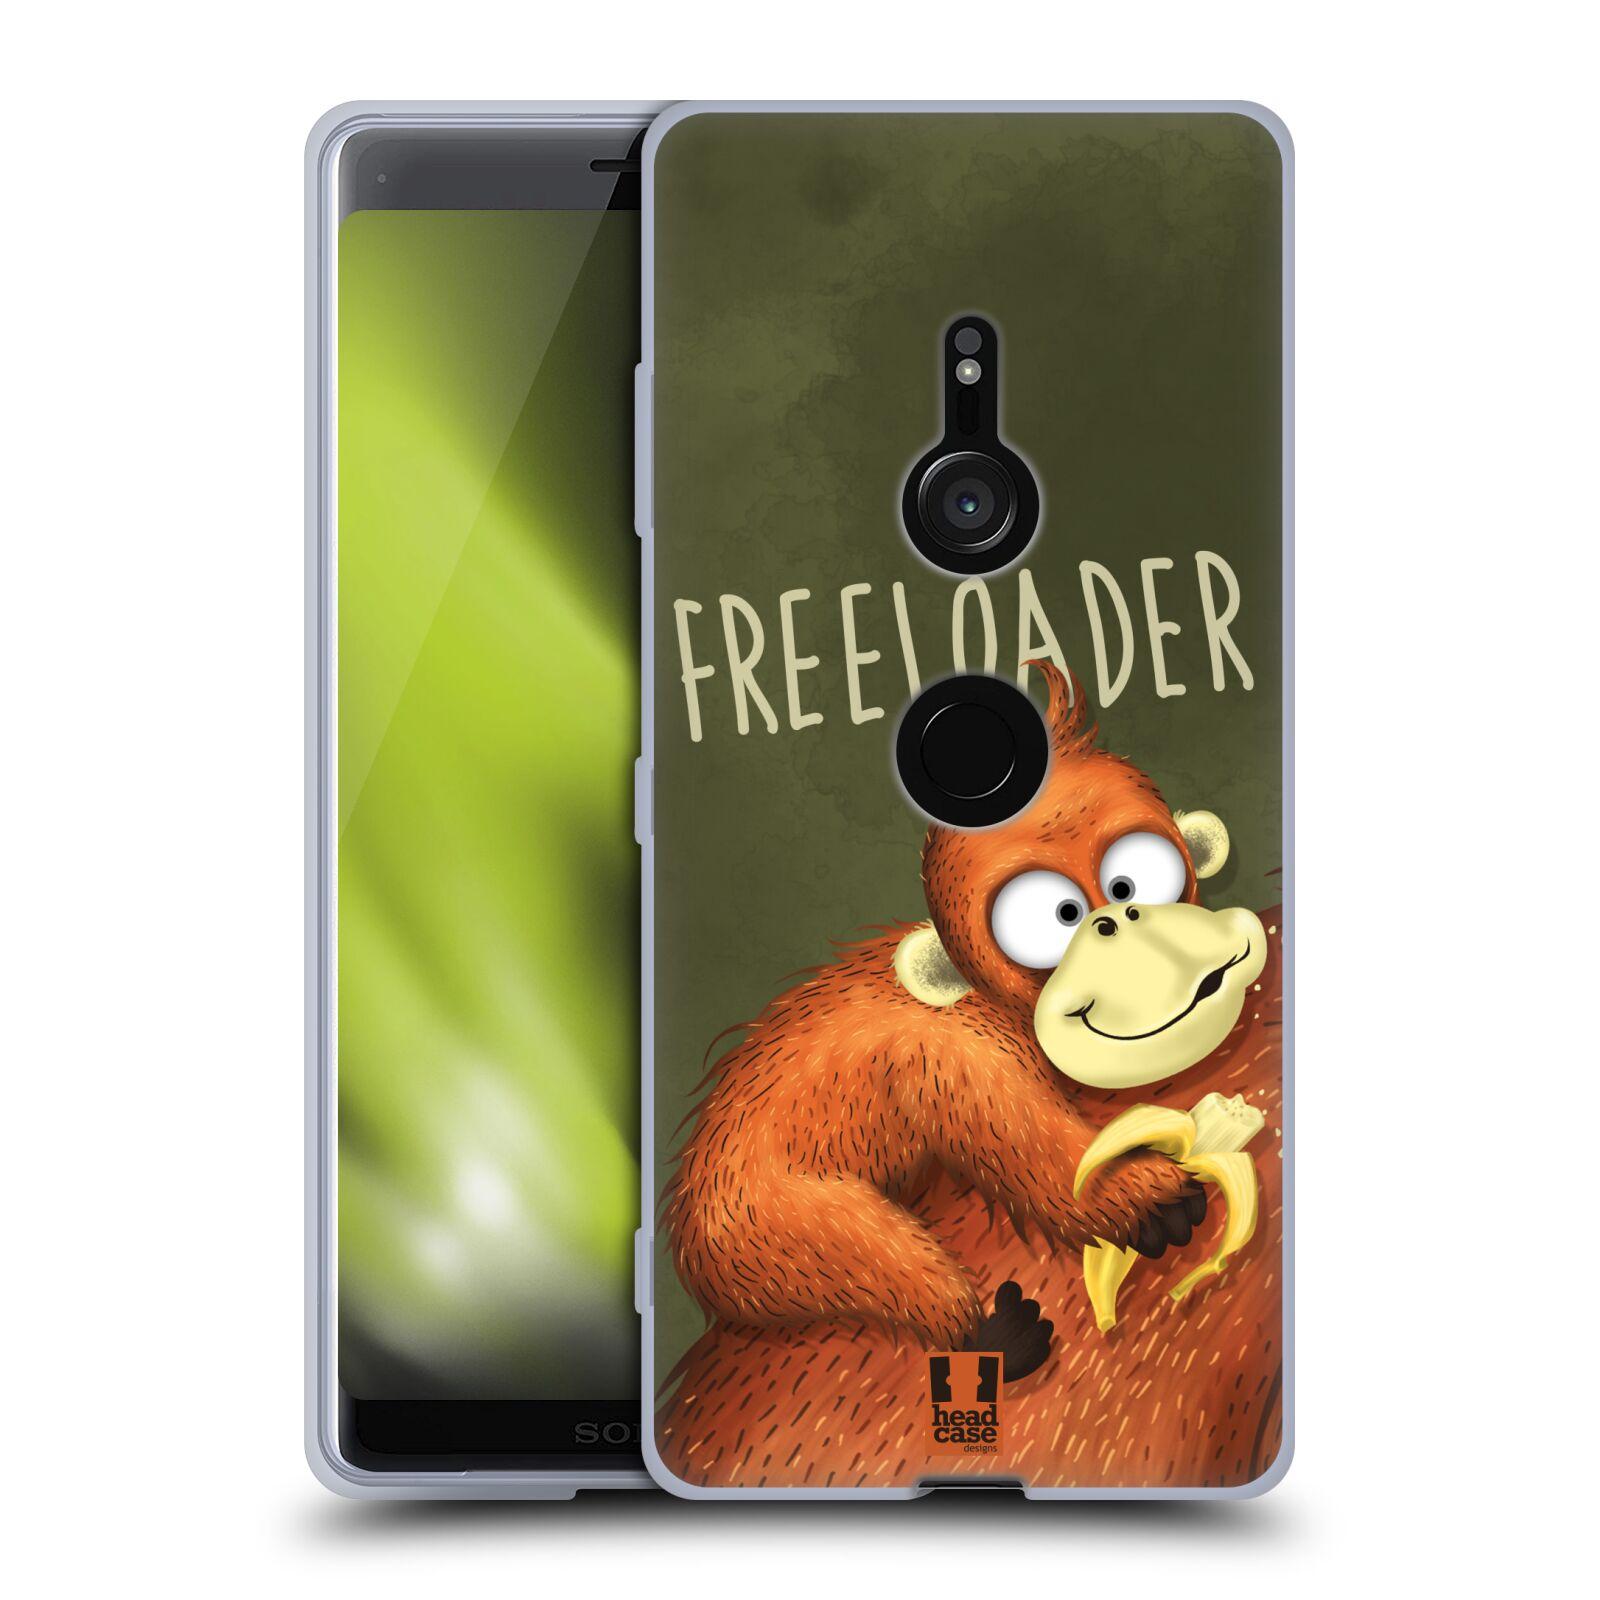 Silikonové pouzdro na mobil Sony Xperia XZ3 - Head Case - Opičák Freeloader